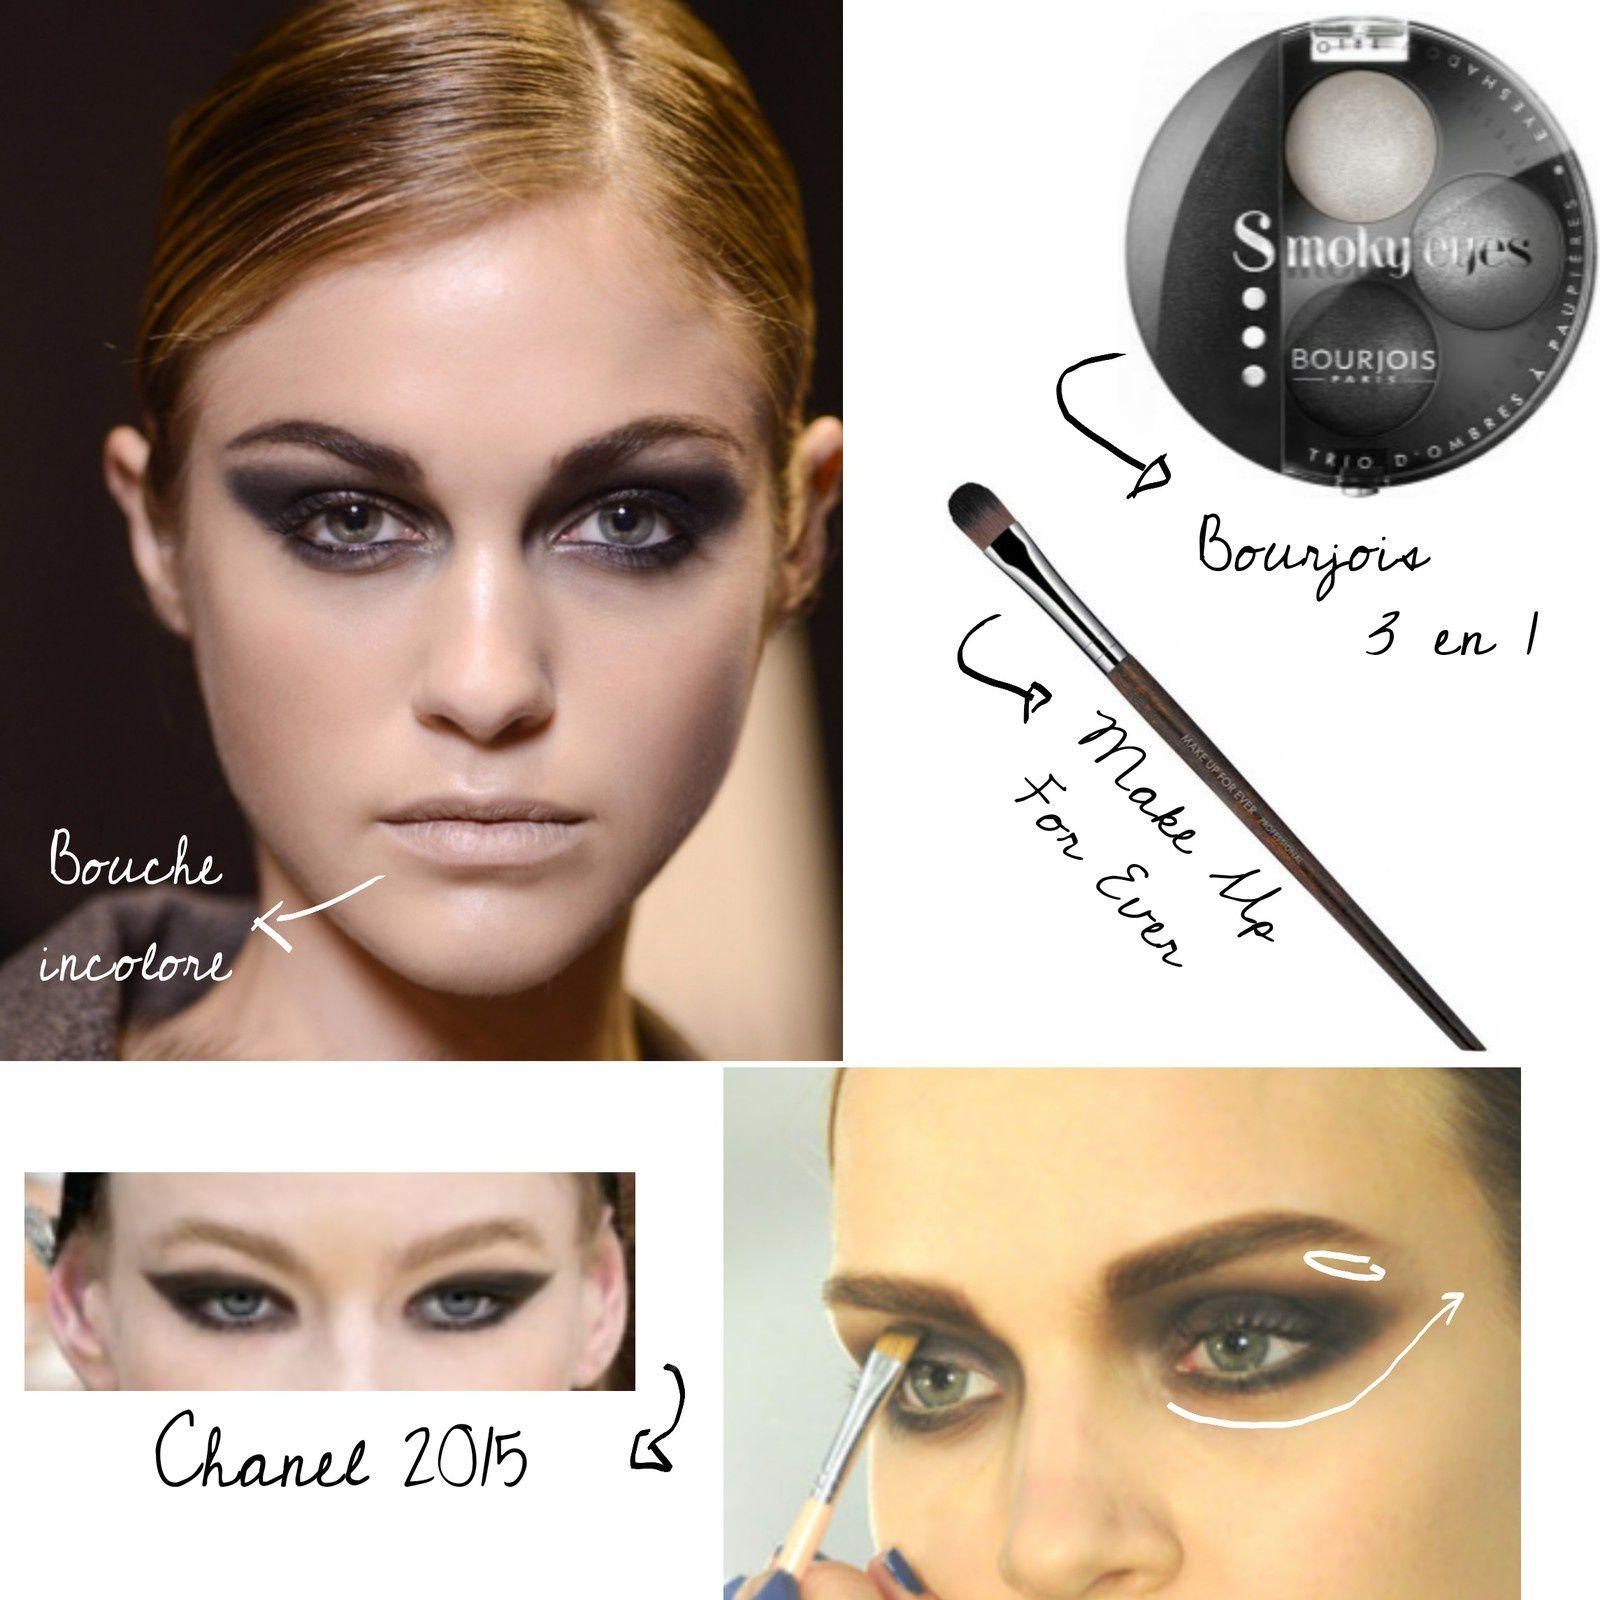 Nos inspirations maquillages pour 2015 #Beauté